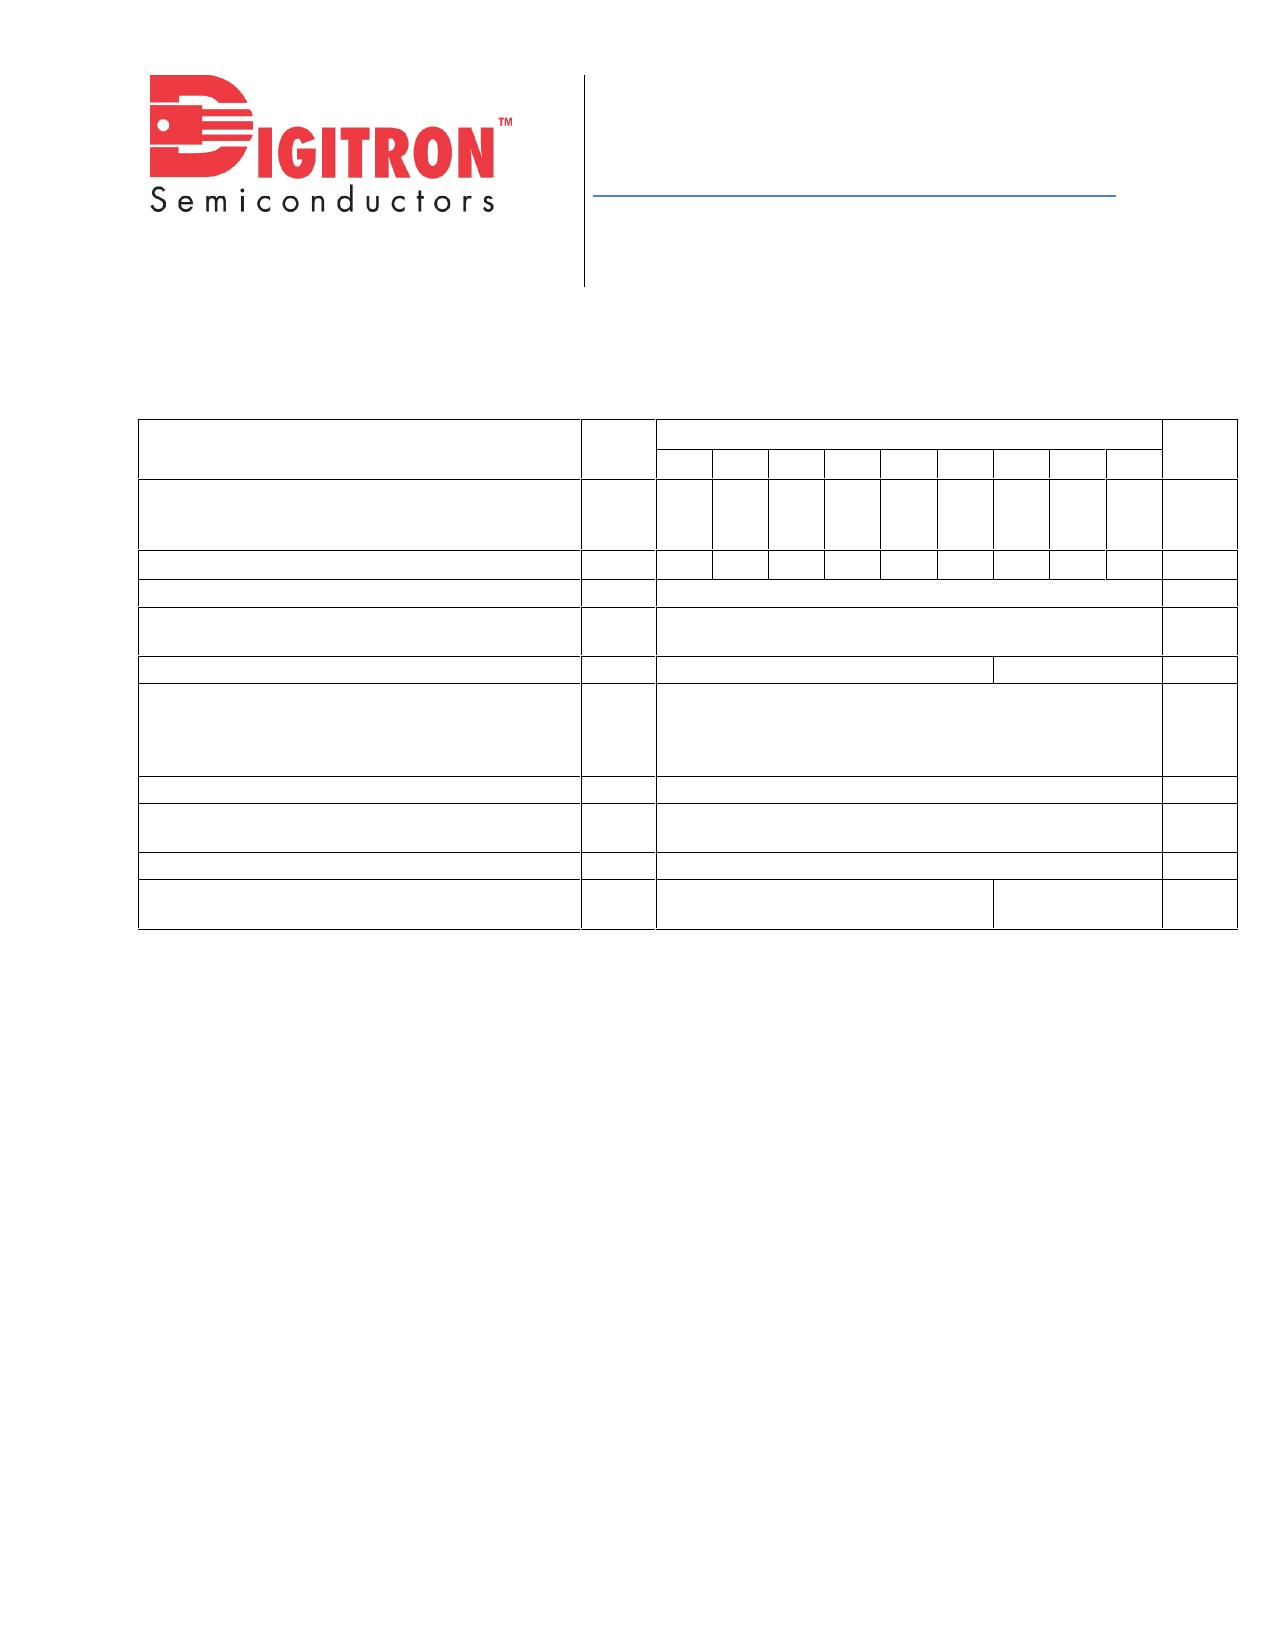 UFR105 데이터시트 및 UFR105 PDF